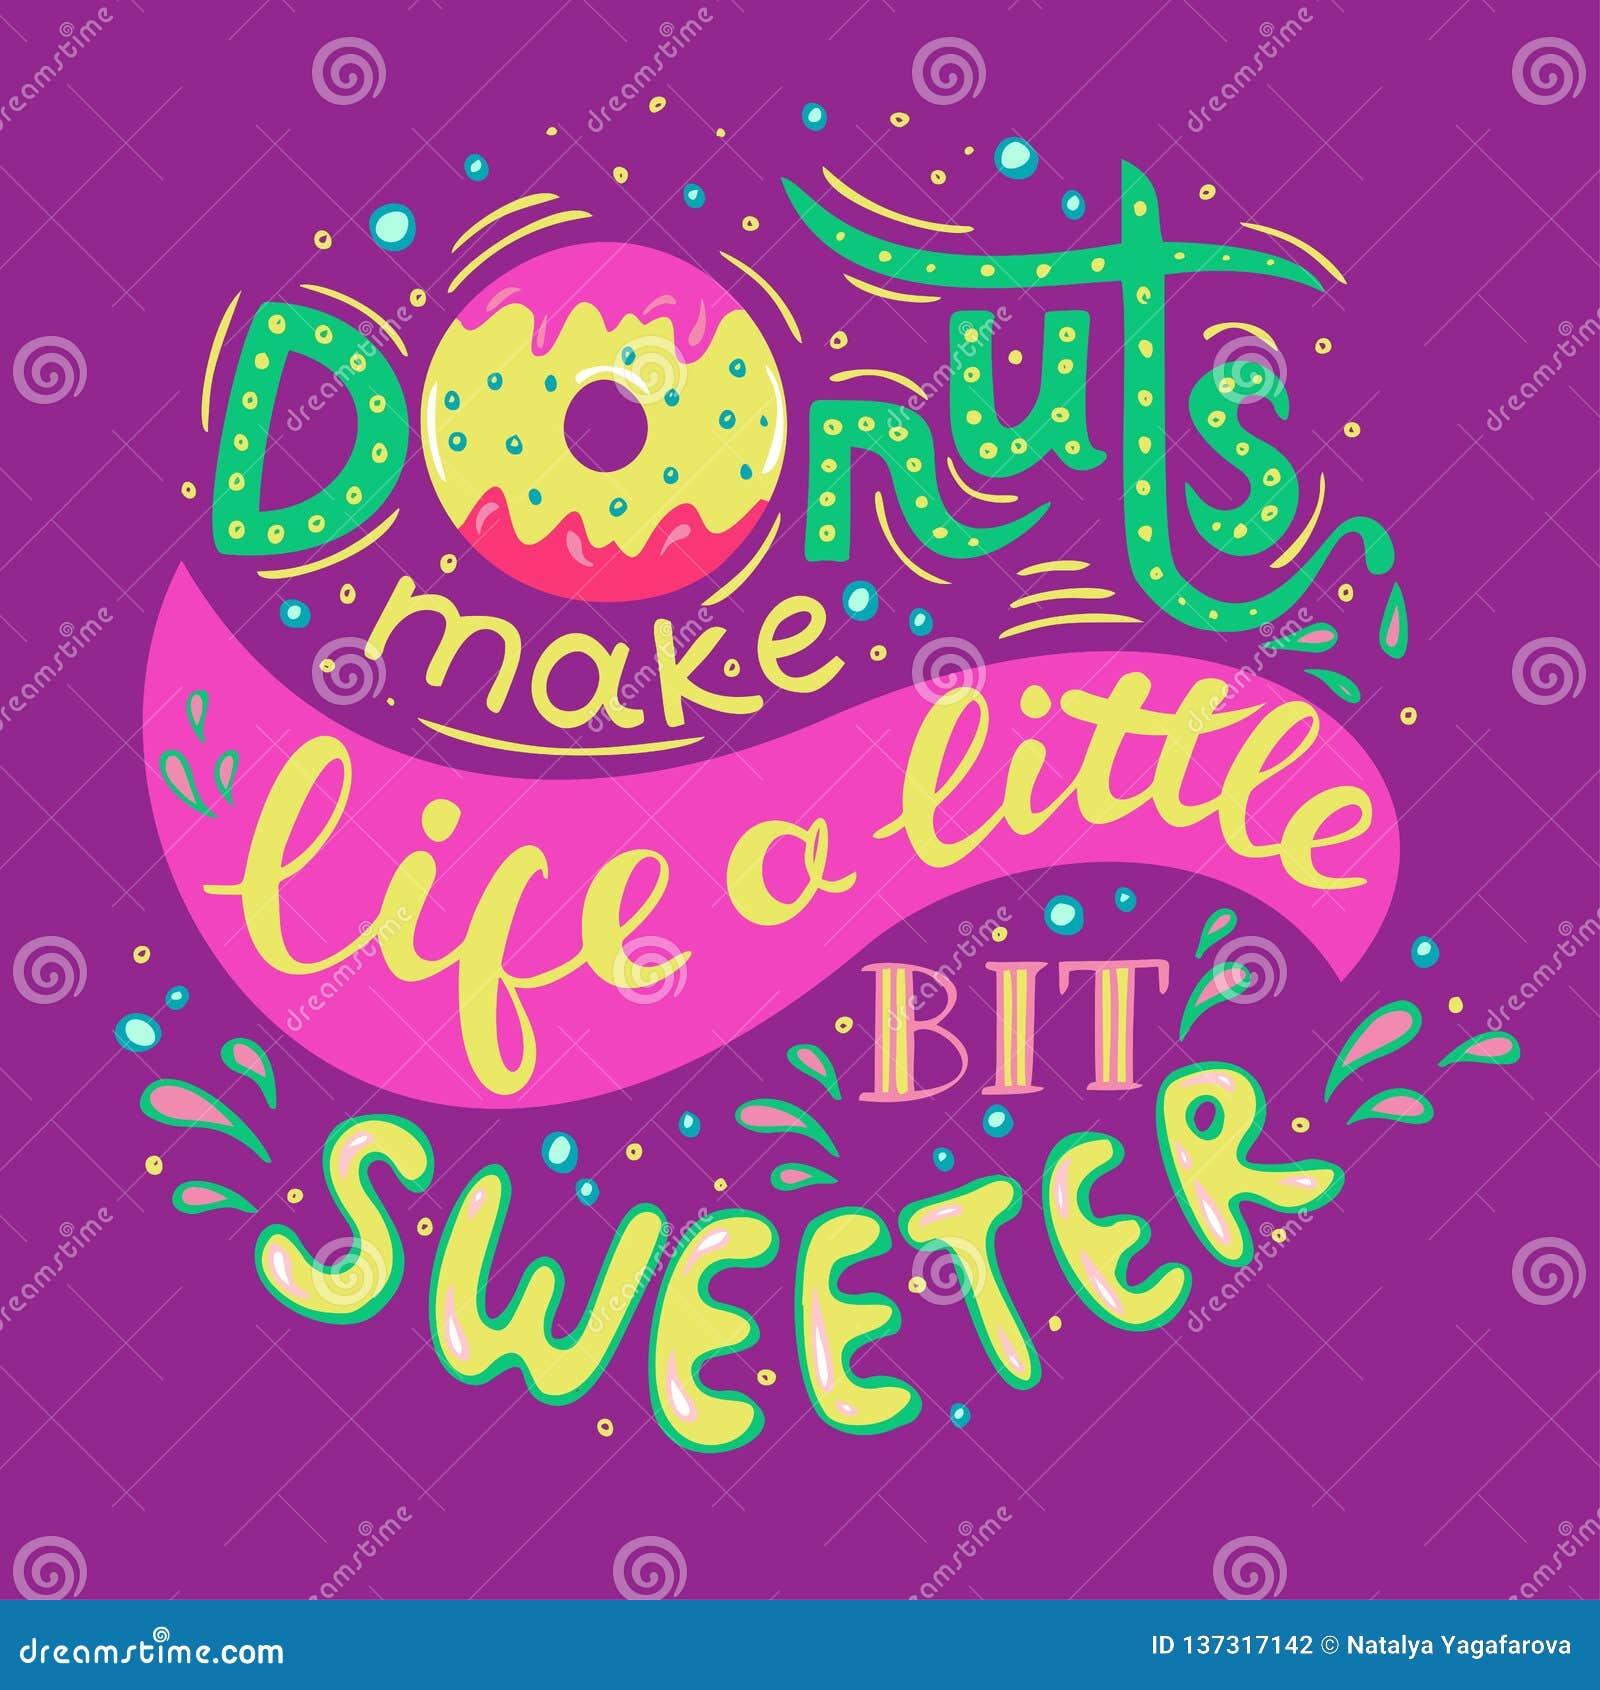 Le guarnizioni di gomma piuma rendono la vita un po più dolce Frase indicata da lettere della mano su fondo lilla